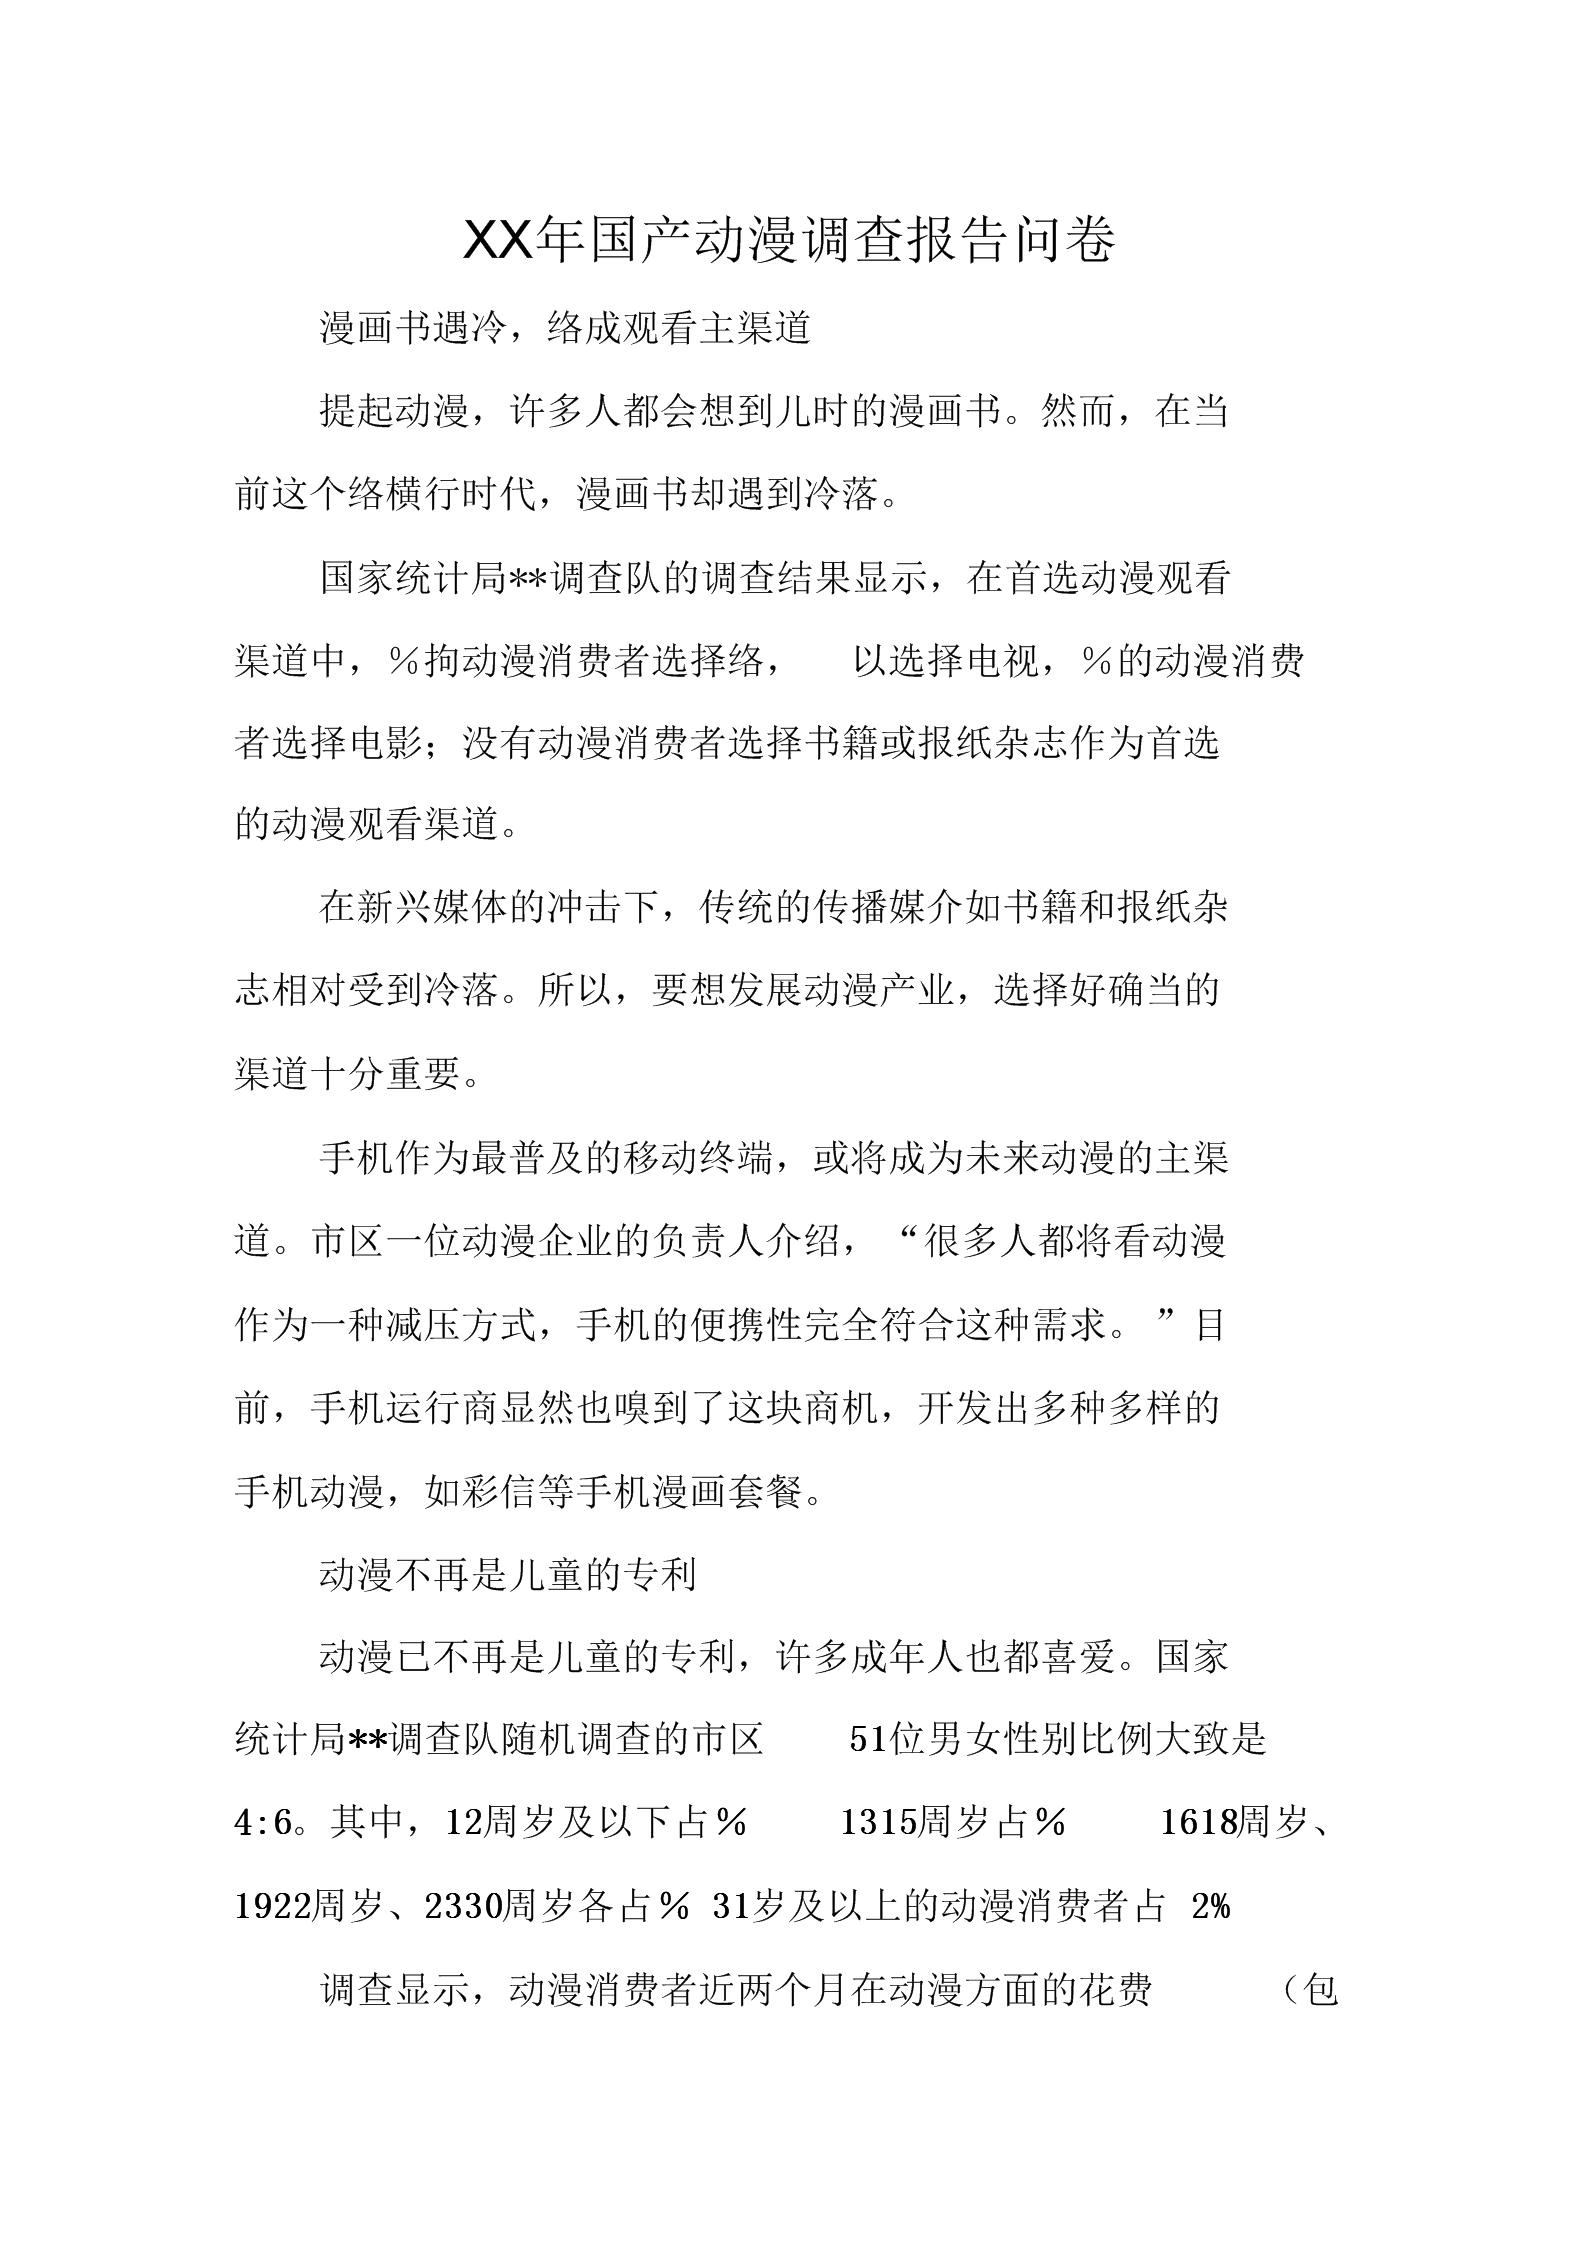 XX年国产动漫调查报告问卷.docx